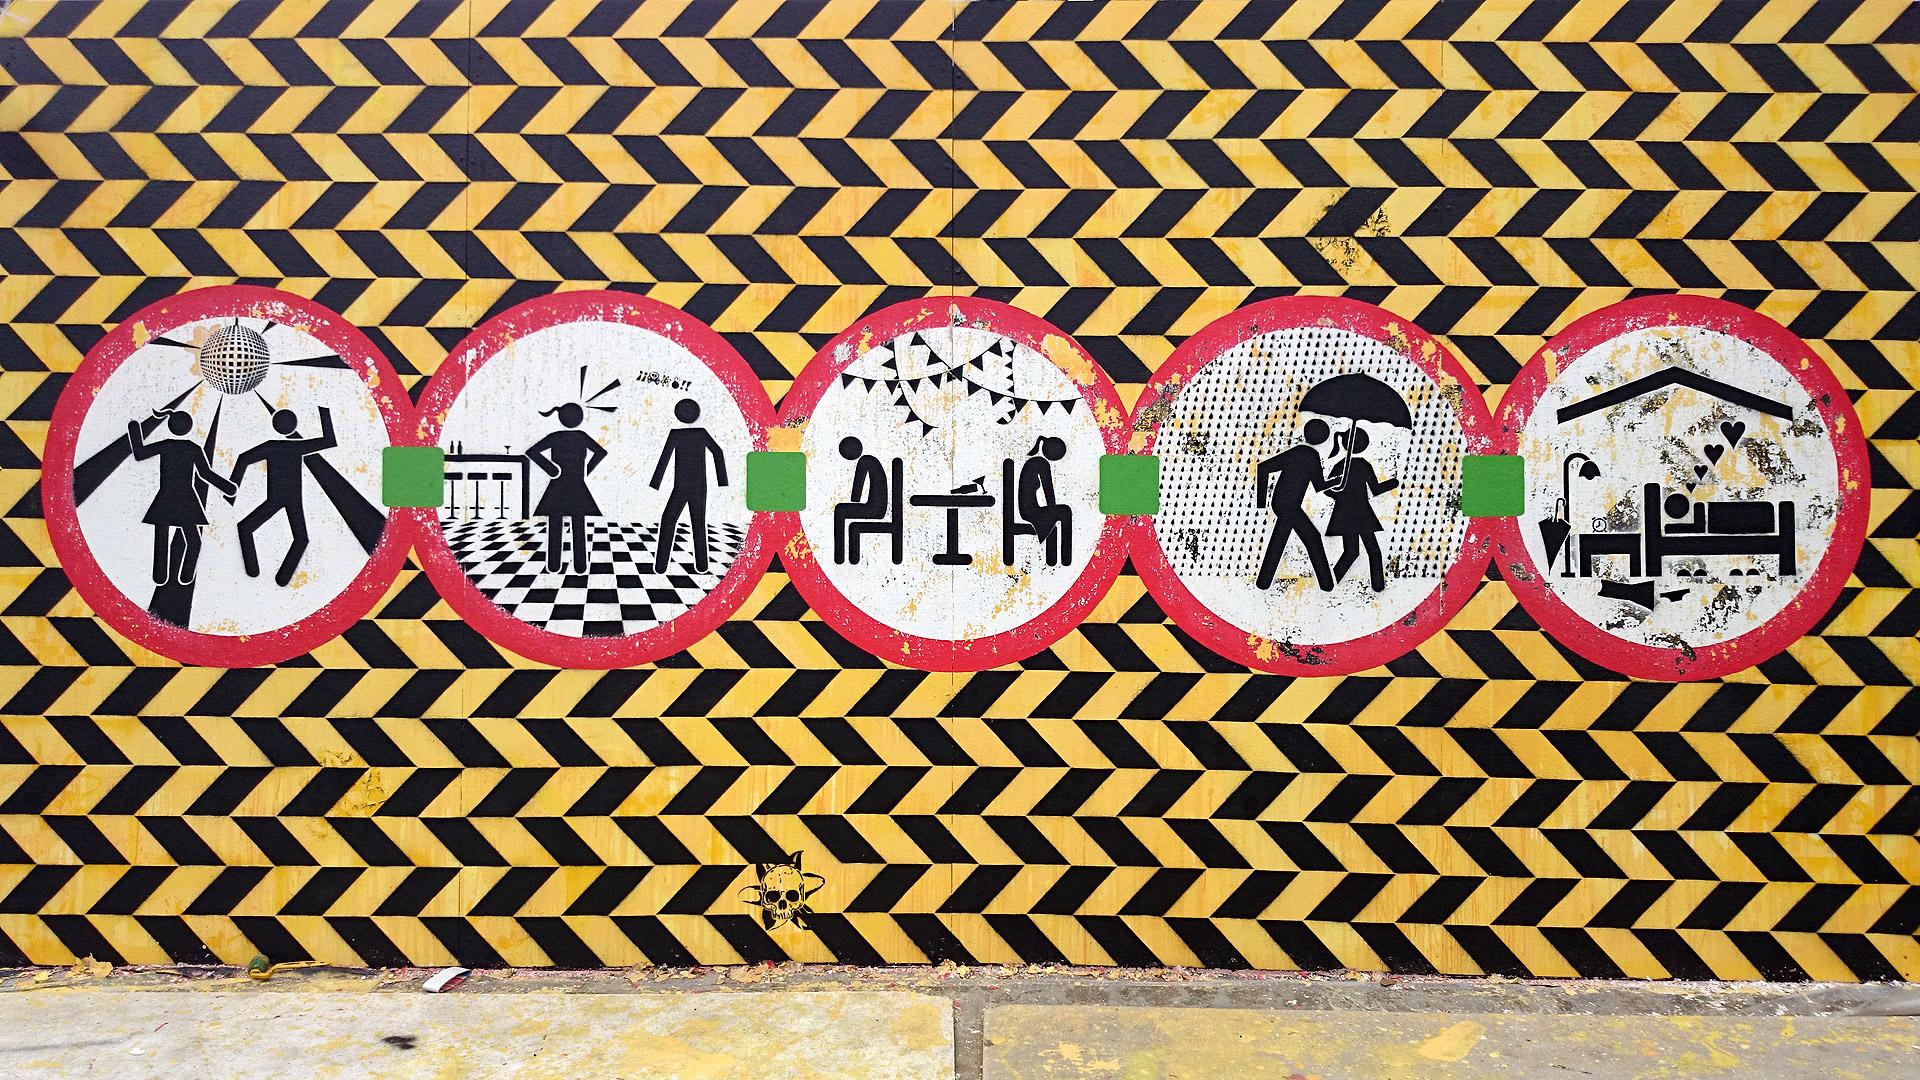 Ensenales deuniti mural arte cali 12 de niti colectivo for Arte colectivo mural